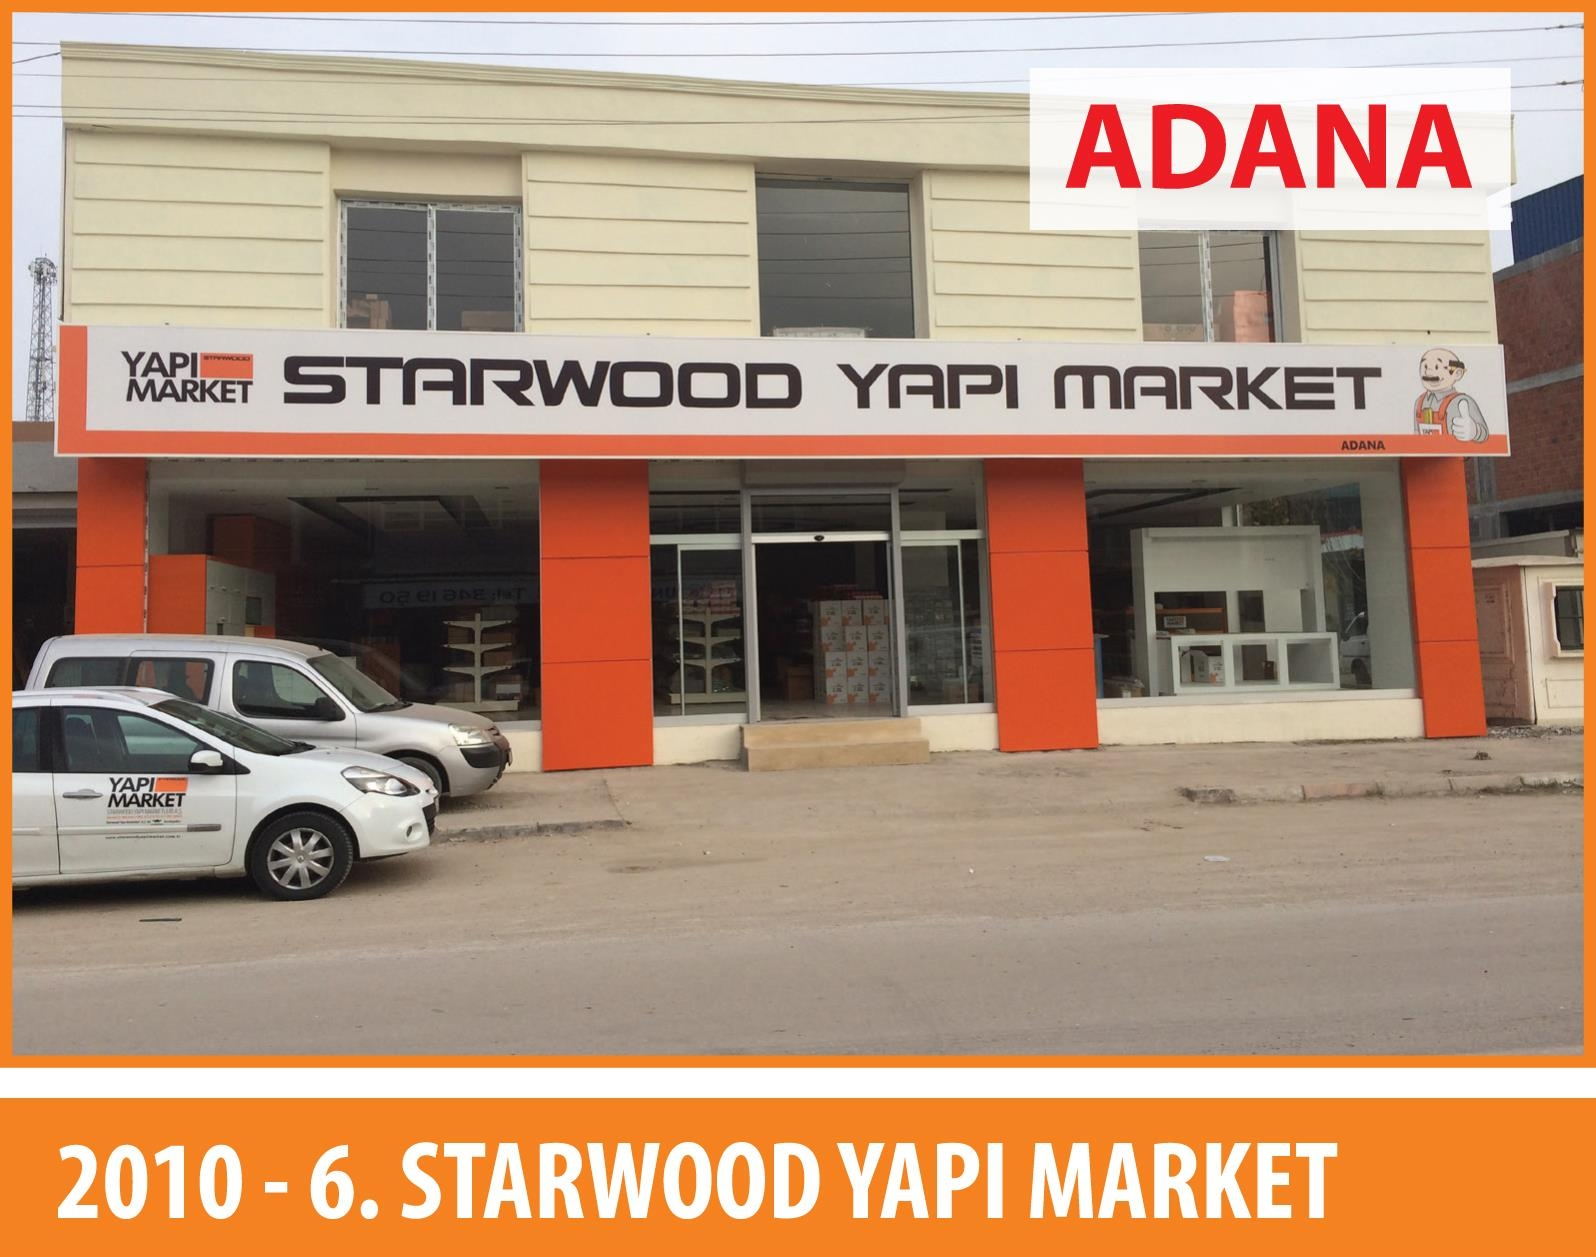 Adana Mağaza